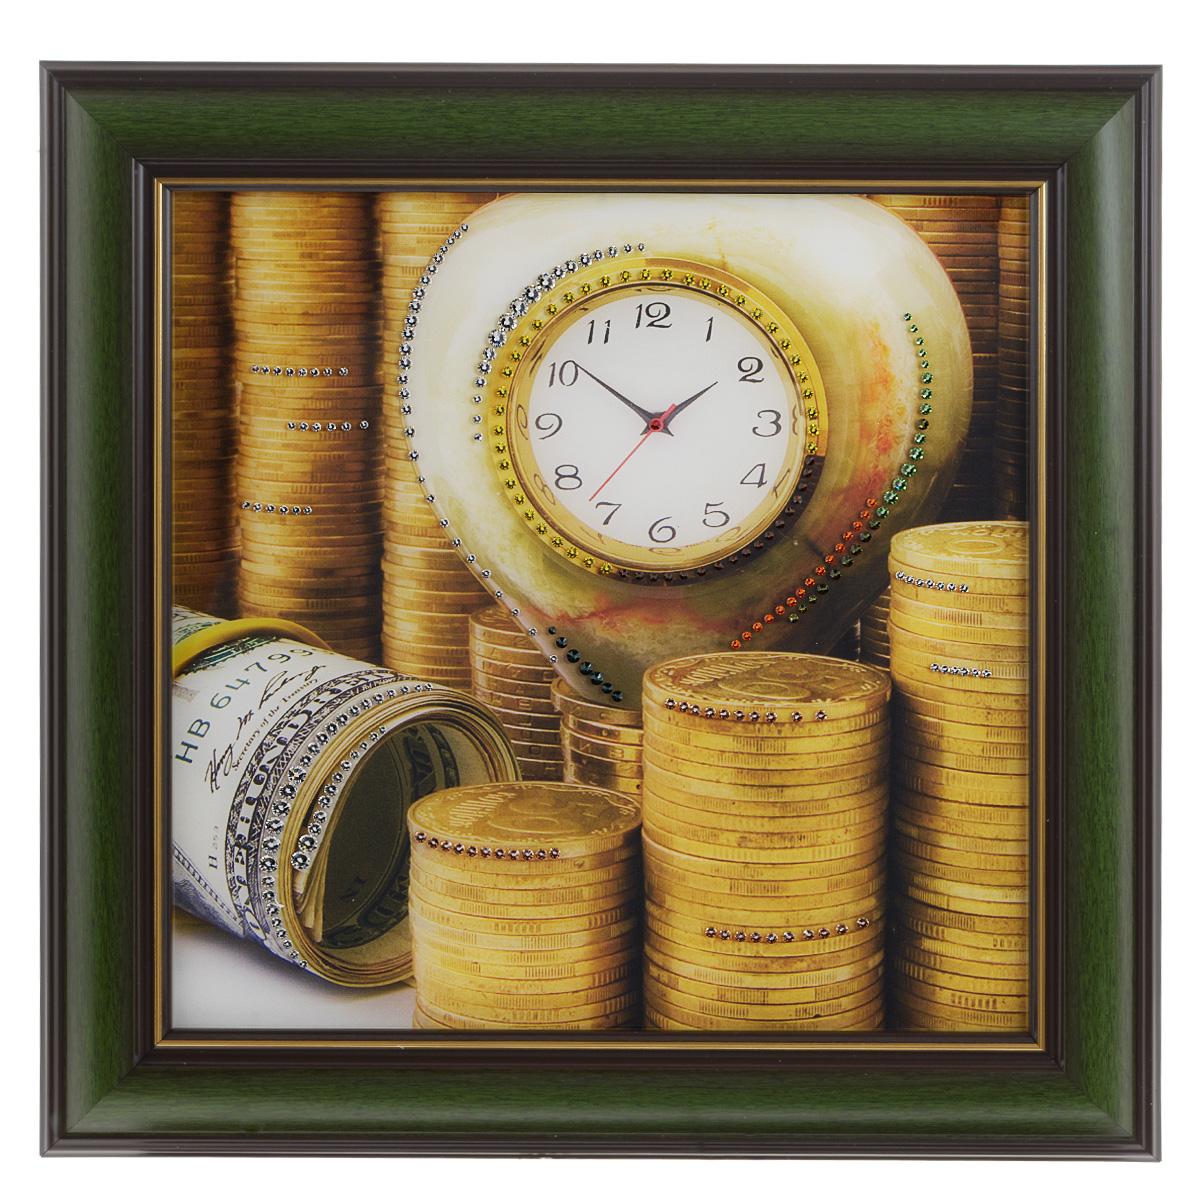 Картина с кристаллами Swarovski Время - деньги 3, 38 х 38 см1406Изящная картина в багетной раме Время - деньги 3 инкрустирована кристаллами Swarovski, которые отличаются четкой и ровной огранкой, ярким блеском и чистотой цвета. Идеально подобранная палитра кристаллов прекрасно дополняет картину. С задней стороны изделие оснащено проволокой для размещения на стене. Картина с кристаллами Swarovski элегантно украсит интерьер дома, а также станет прекрасным подарком, который обязательно понравится получателю. Блеск кристаллов в интерьере - что может быть сказочнее и удивительнее. Изделие упаковано в подарочную картонную коробку синего цвета и комплектуется сертификатом соответствия Swarovski.